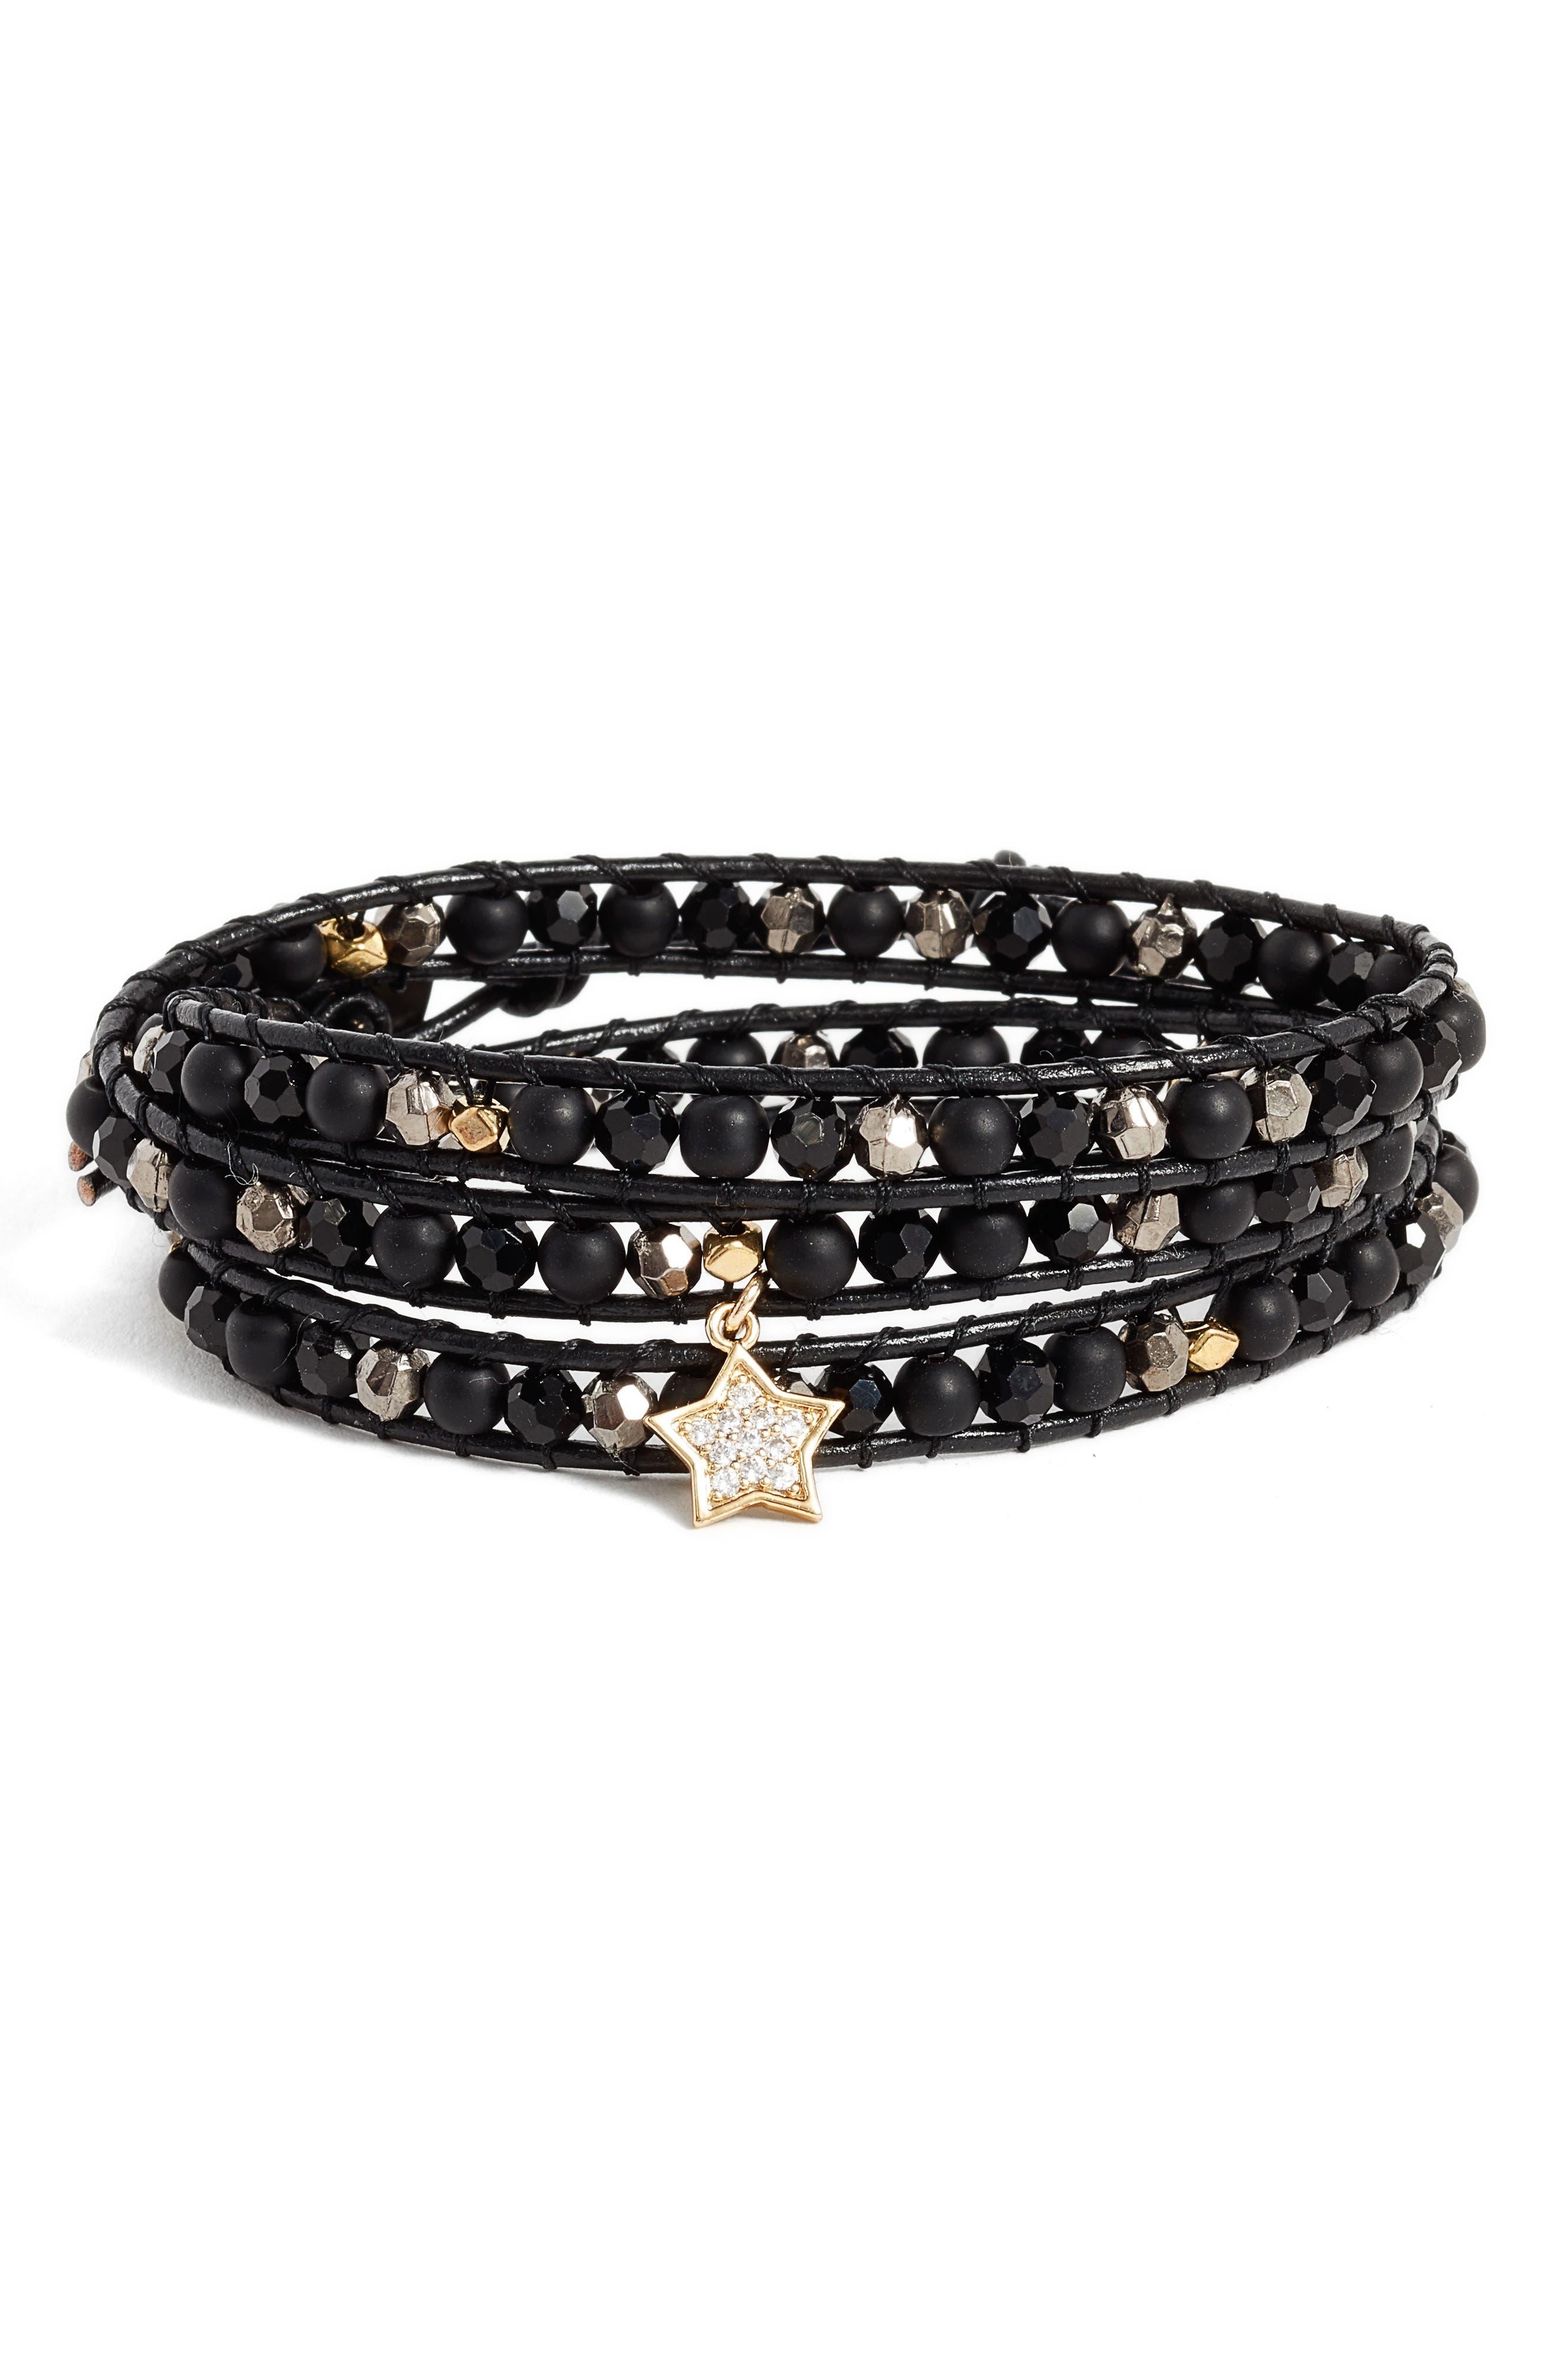 Alternate Image 1 Selected - Nakamol Design Star Charm Wrap Bracelet